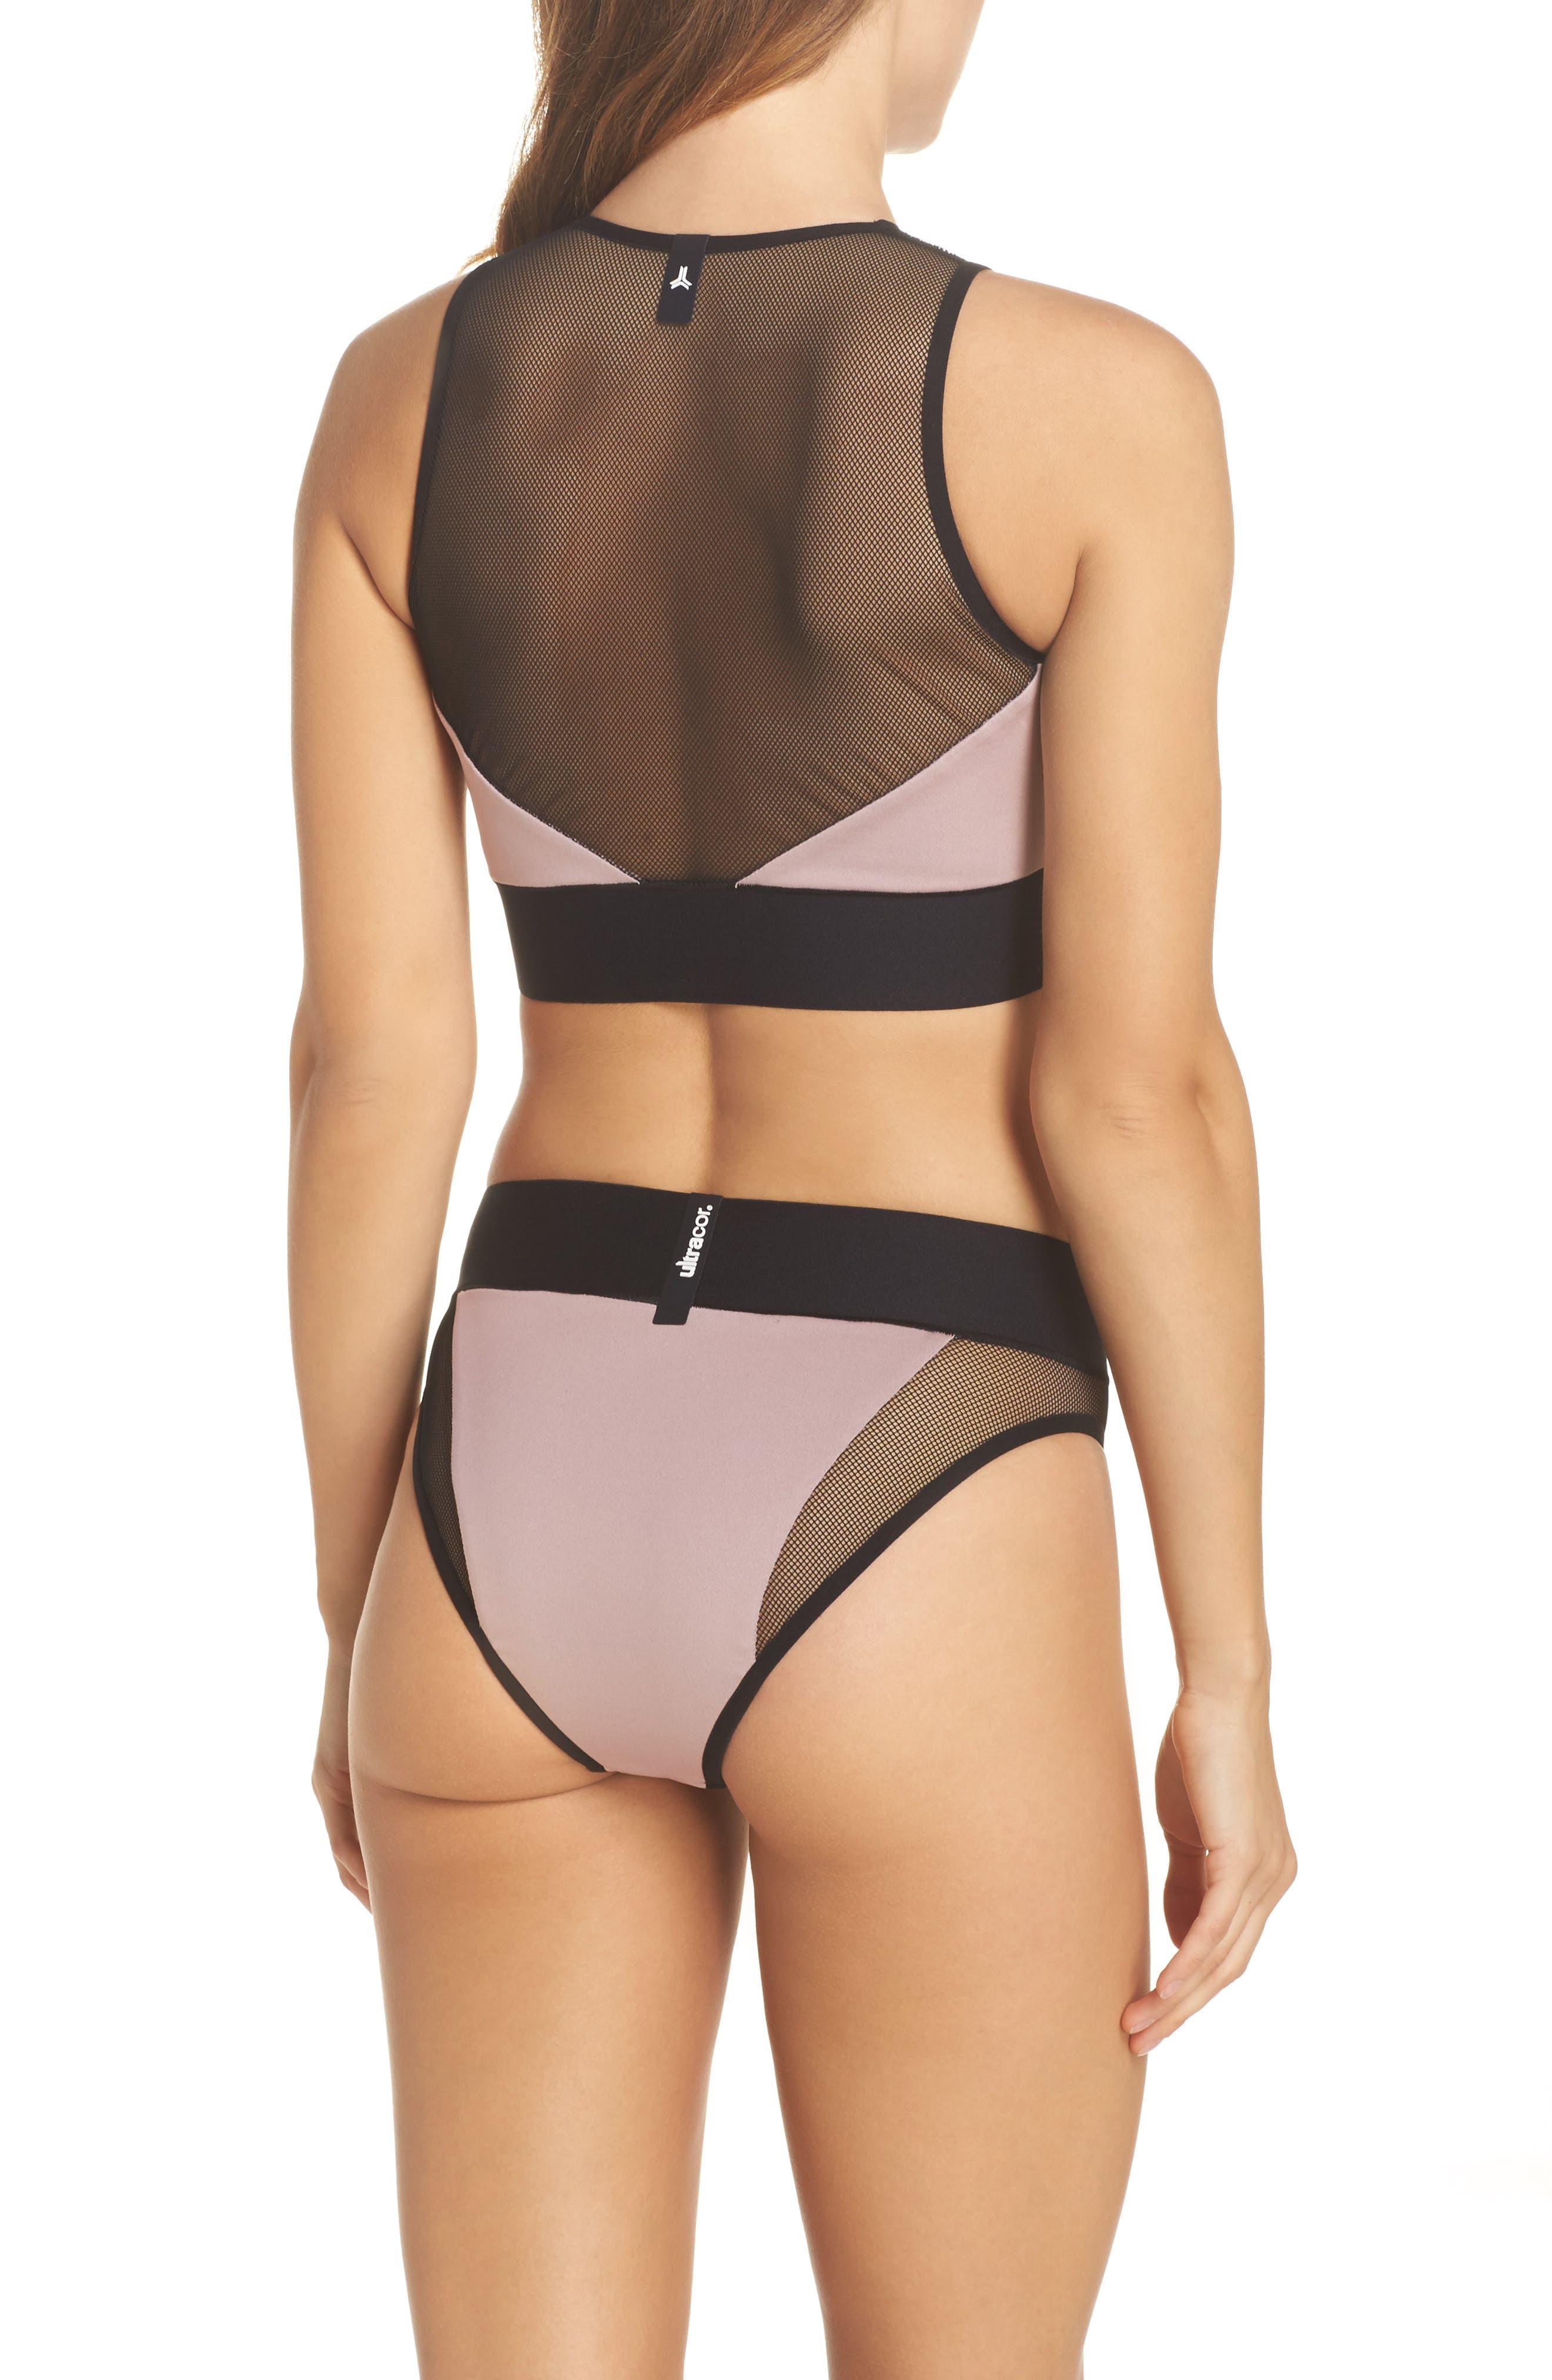 Adrift Sport Mesh Bikini Top,                             Alternate thumbnail 6, color,                             Blush Pink